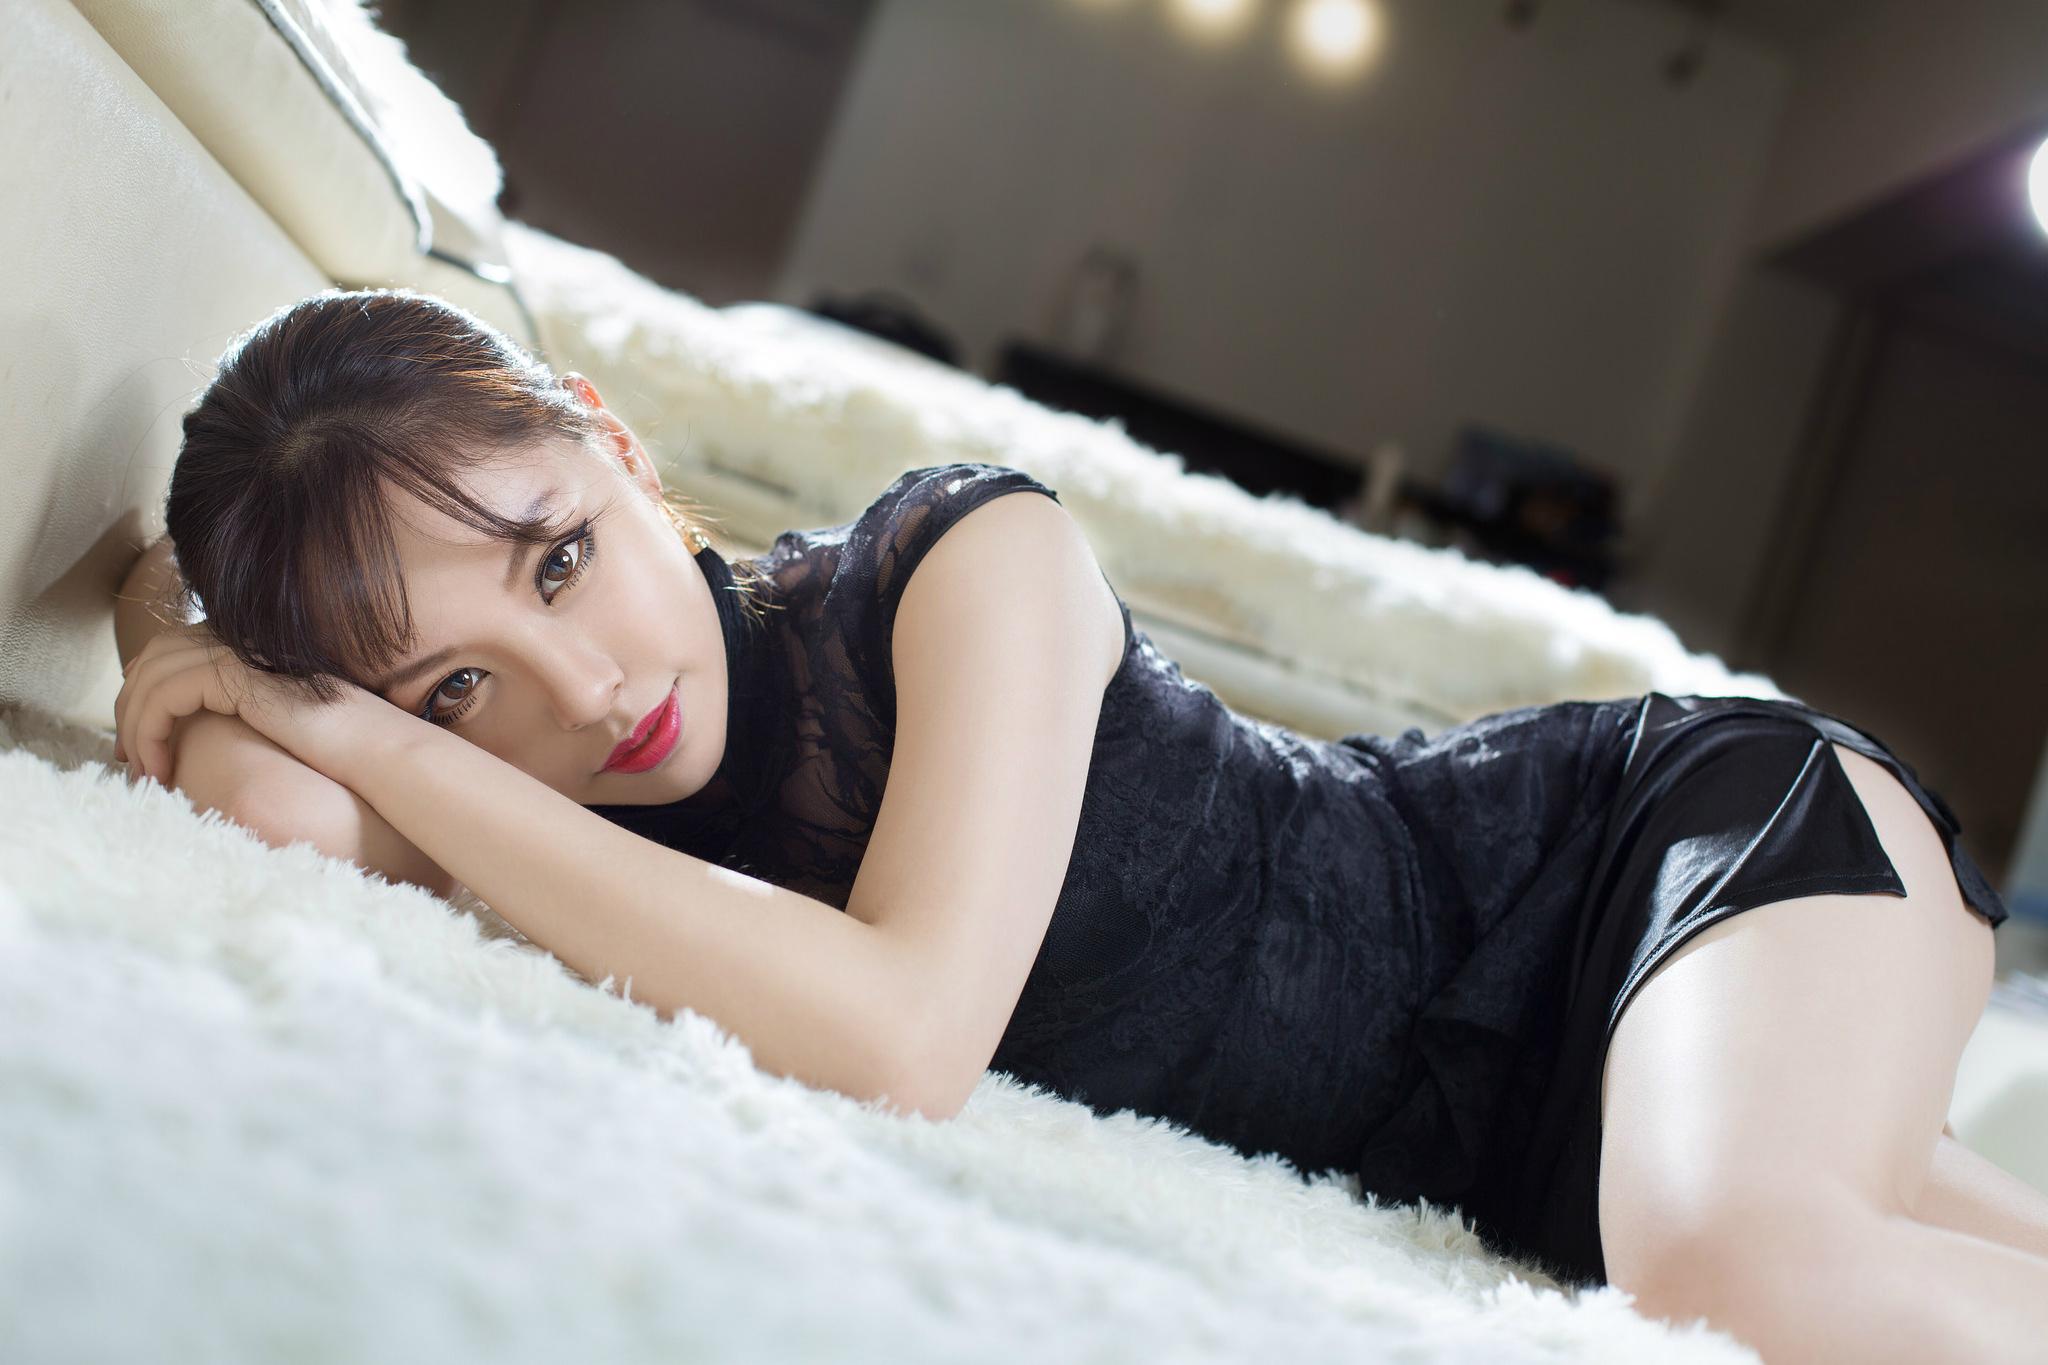 【古装及旗袍素材篇】婀娜气质红颜魅 - 浪漫人生 - .